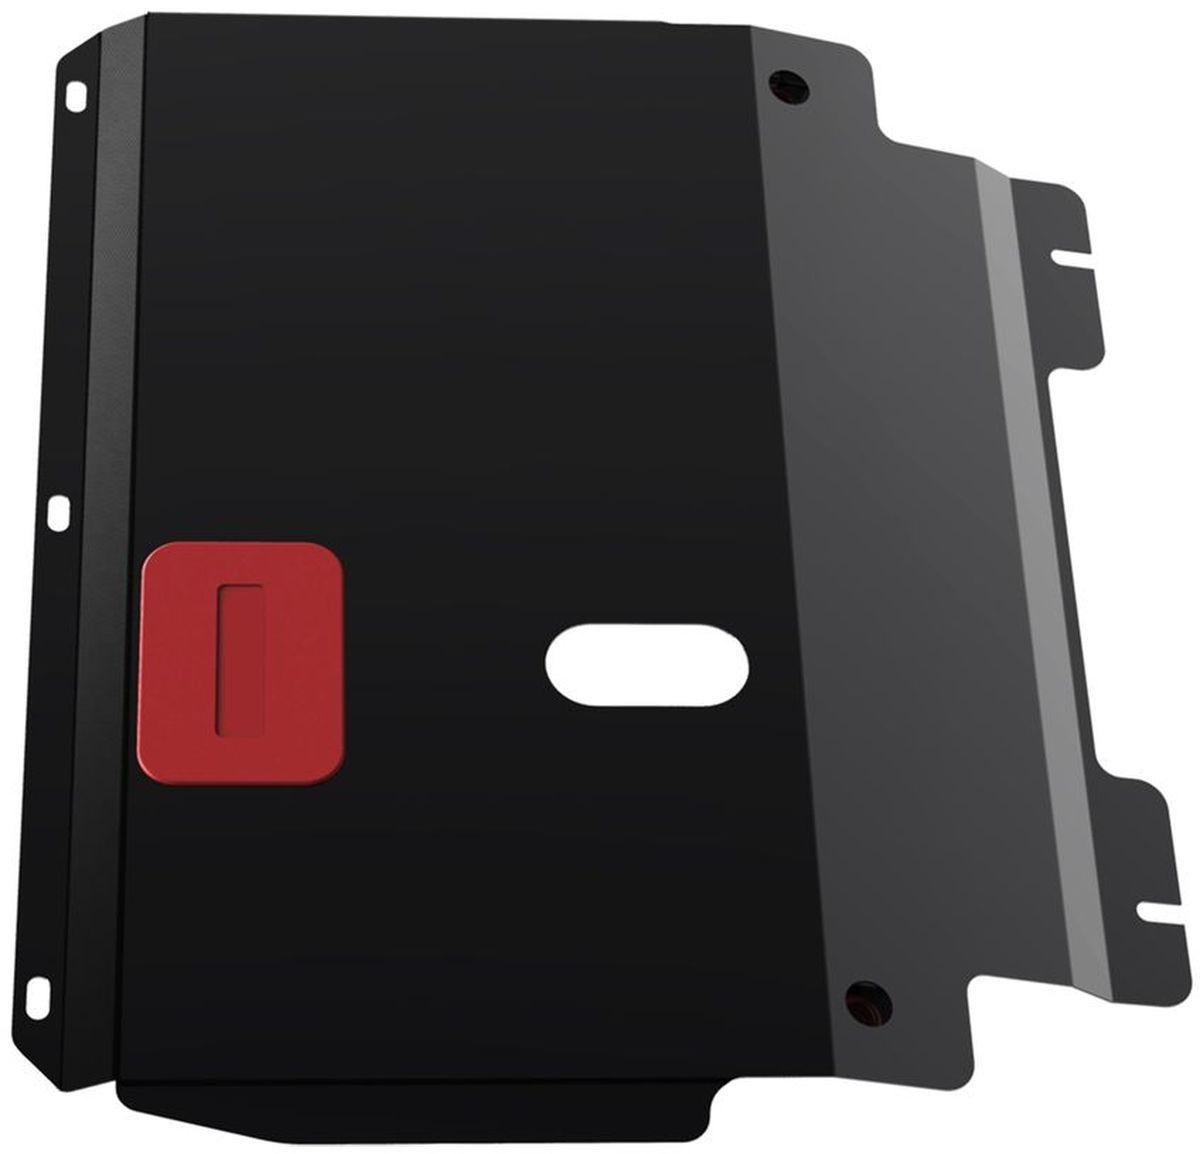 Защита картера и КПП Автоброня, для Ford Fiesta/Fusion. 111.01806.35104Технологически совершенный продукт за невысокую стоимость.Защита разработана с учетом особенностей днища автомобиля, что позволяет сохранить дорожный просвет с минимальным изменением.Защита устанавливается в штатные места кузова автомобиля. Глубокий штамп обеспечивает до двух раз больше жесткости в сравнении с обычной защитой той же толщины. Проштампованные ребра жесткости препятствуют деформации защиты при ударах.Тепловой зазор и вентиляционные отверстия обеспечивают сохранение температурного режима двигателя в норме. Скрытый крепеж предотвращает срыв крепежных элементов при наезде на препятствие.Шумопоглощающие резиновые элементы обеспечивают комфортную езду без вибраций и скрежета металла, а съемные лючки для слива масла и замены фильтра - экономию средств и время.Конструкция изделия не влияет на пассивную безопасность автомобиля (при ударе защита не воздействует на деформационные зоны кузова). Со штатным крепежом. В комплекте инструкция по установке.Толщина стали: 2 мм.